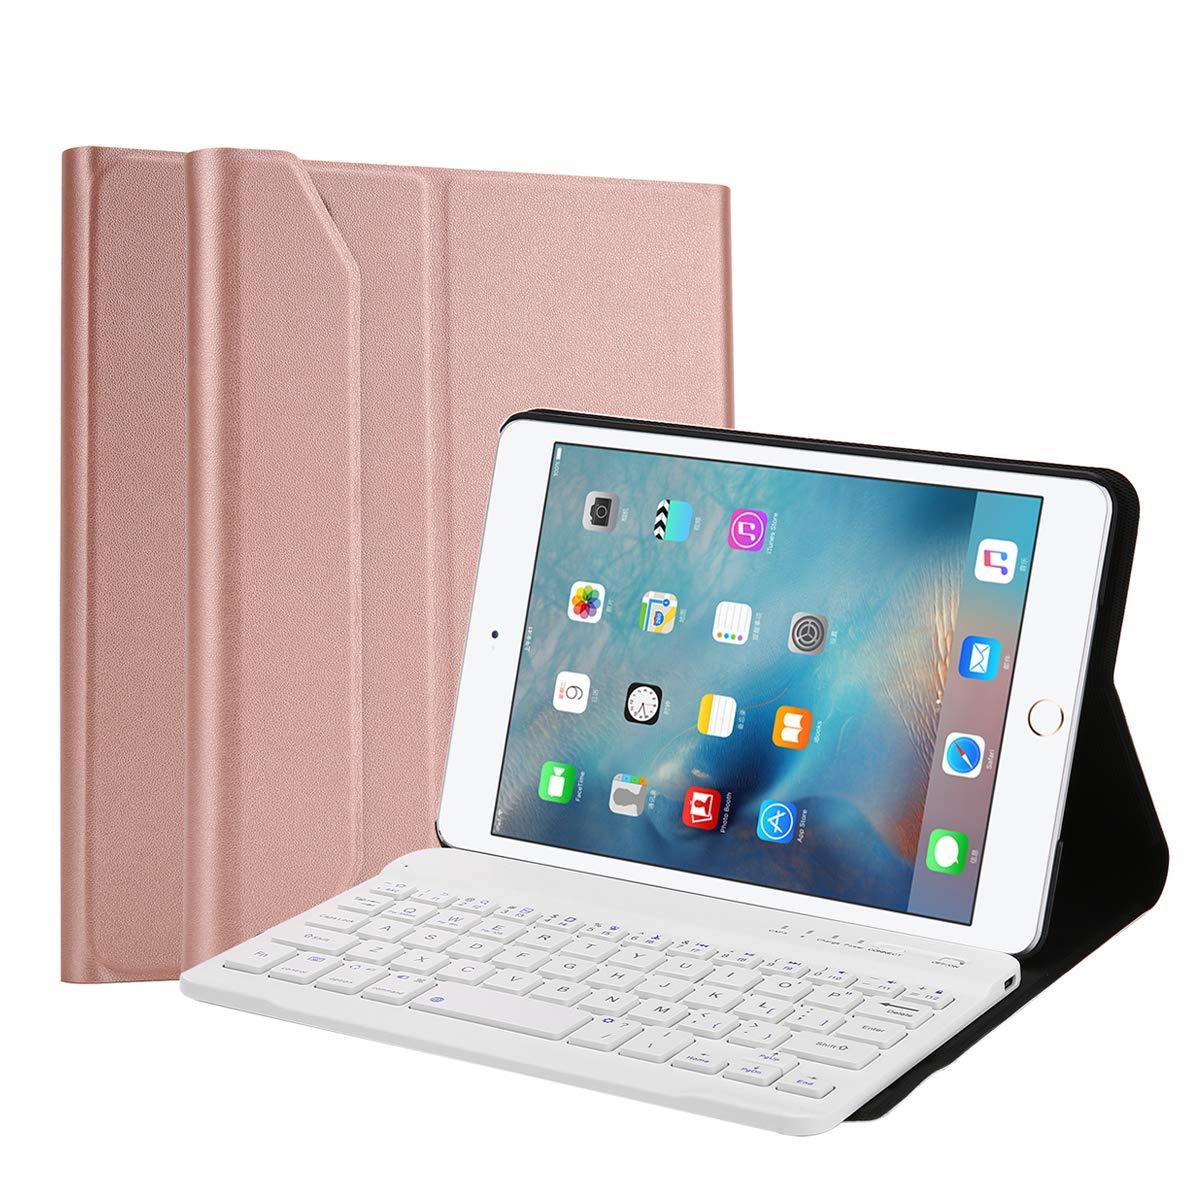 新発売の Scheam スリムフィットアクセサリー iPad Mini Mini 4ケース 衝撃吸収 衝撃吸収 携帯電話ケース, SSY3-AA-535 ローズゴールド B07L6W4SG8 B07L6W4SG8, 敏感肌ITEM等は アトリエ箱:963b2a1f --- a0267596.xsph.ru